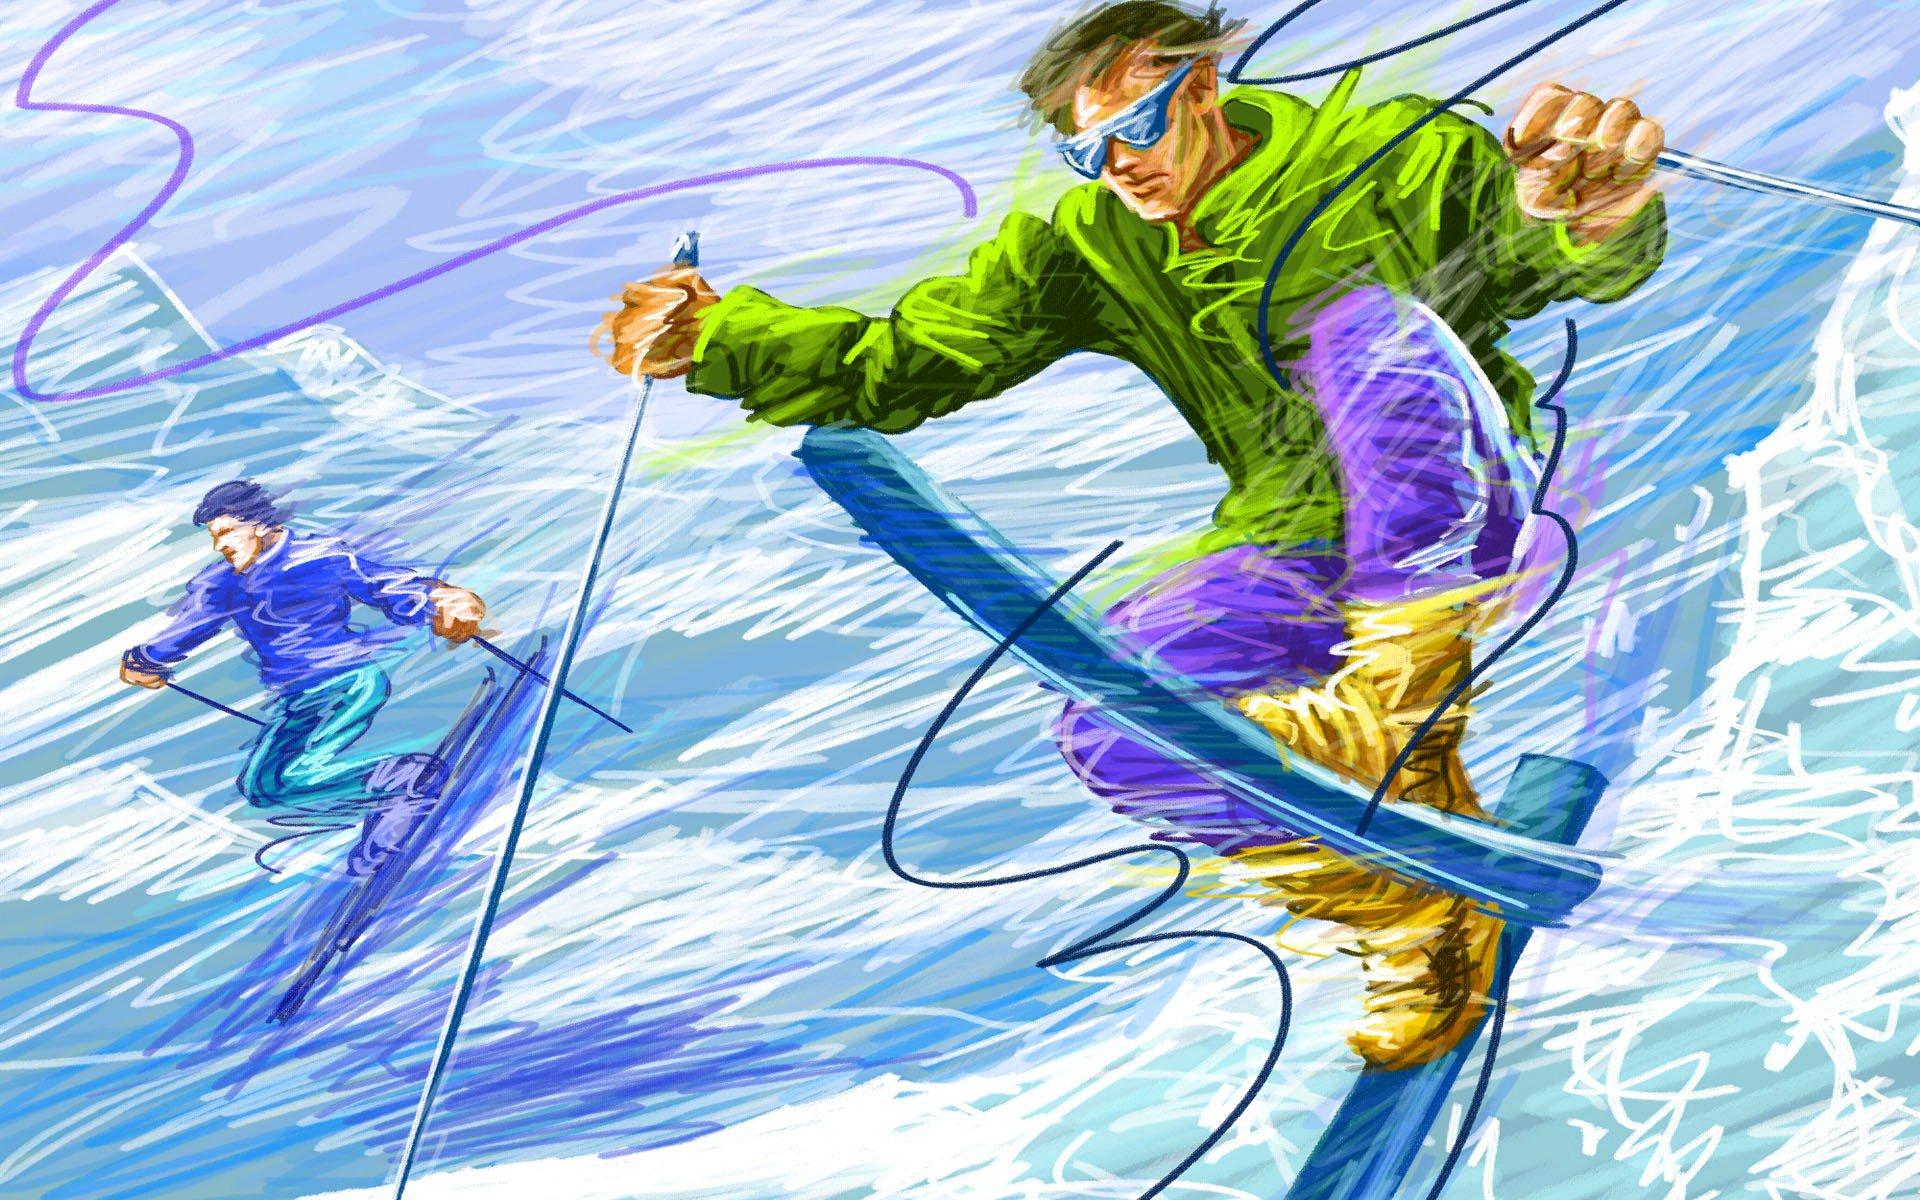 квартиру обои на тему лыжи прочным